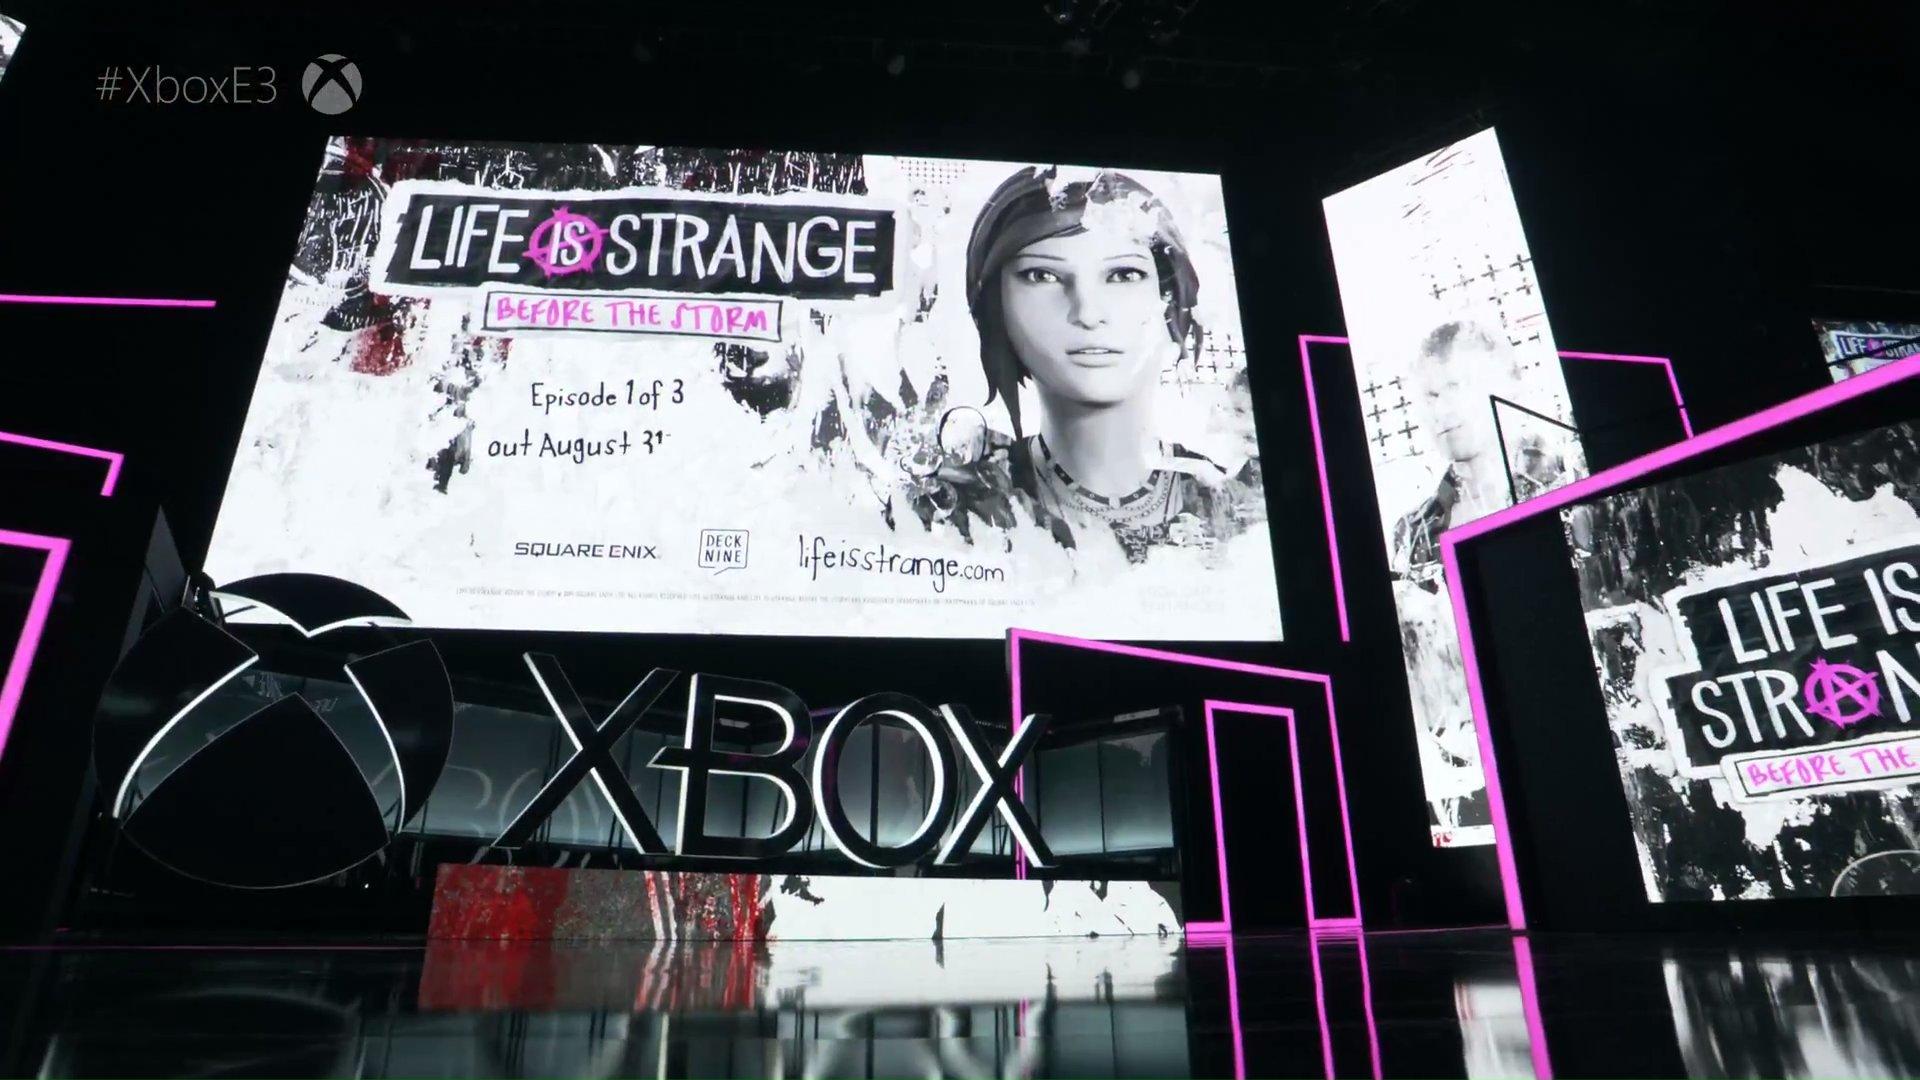 Life is Strange: Before the Storm é o novo jogo da série, que sai em agosto